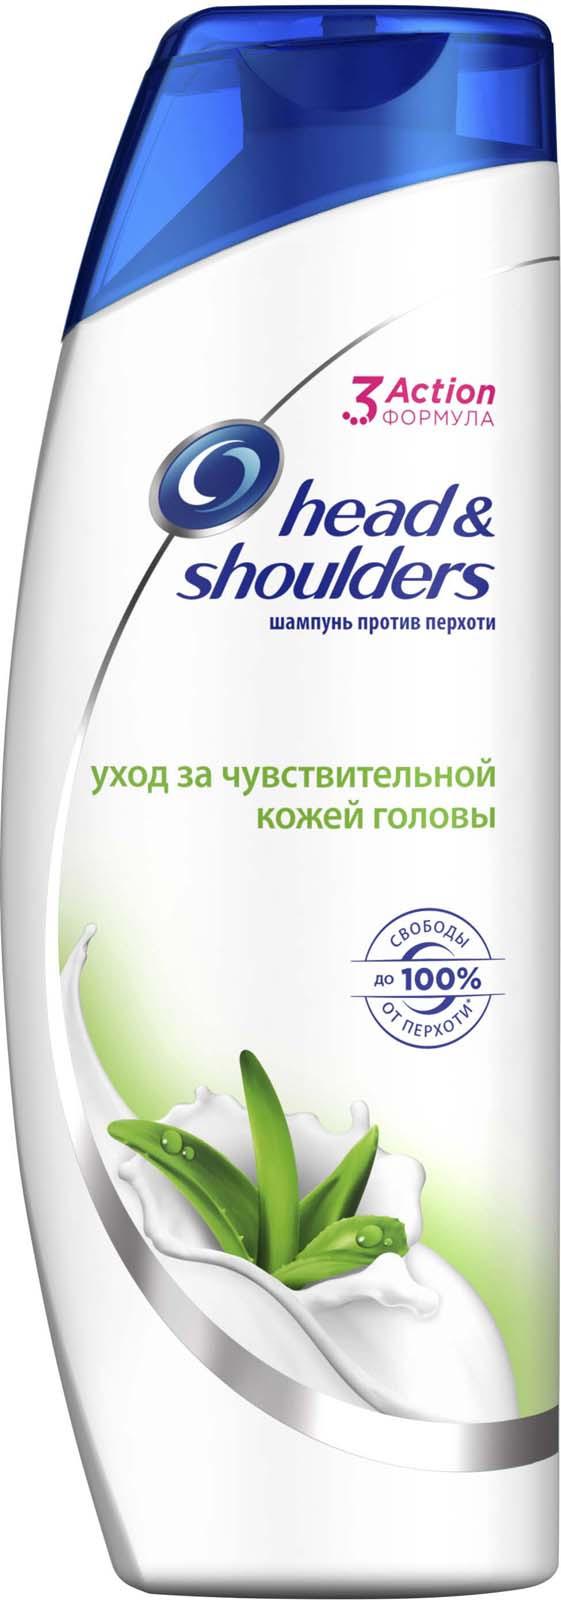 Шампунь против перхоти Head&Shoulders Уход за чувствительной кожей головы, 600 мл шампунь против перхоти head